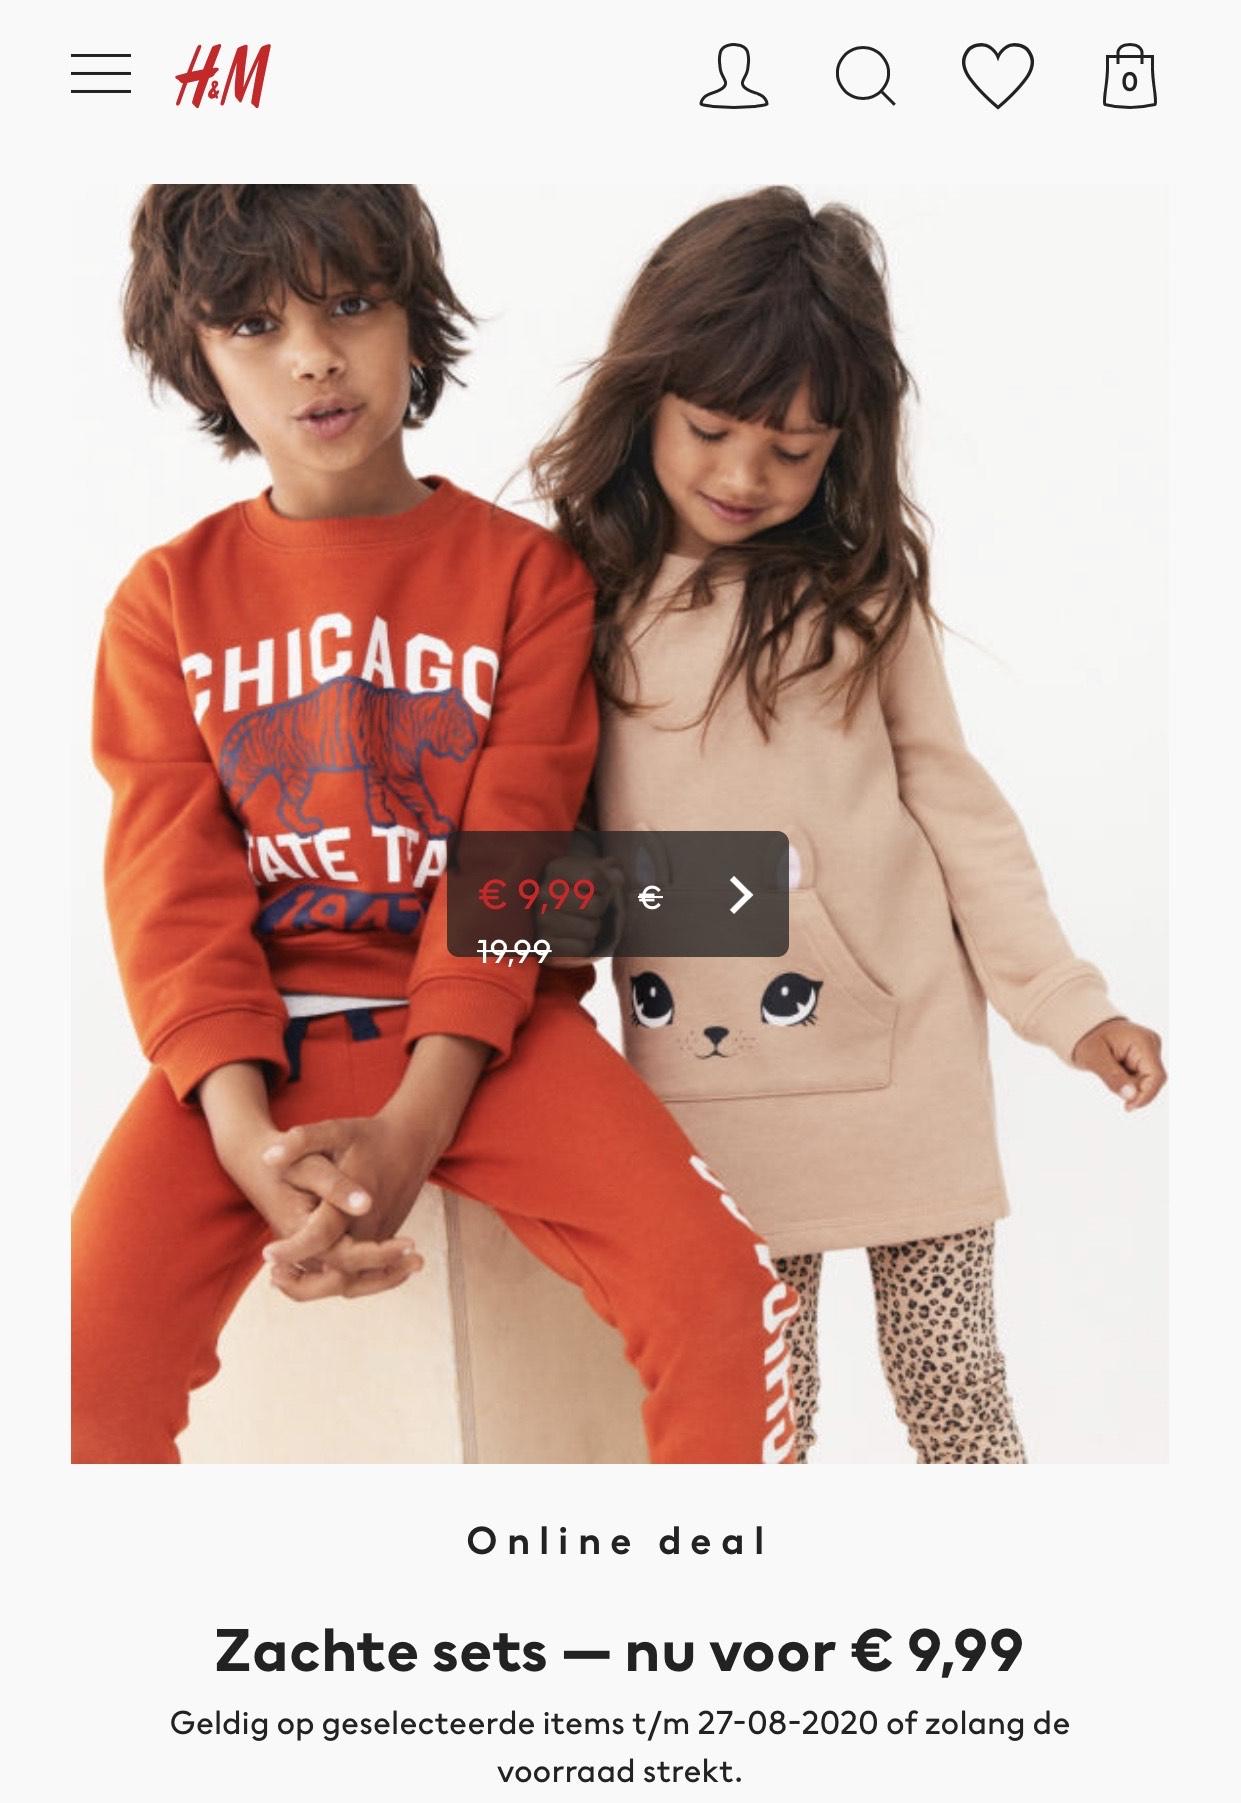 H&M Online deal Zachte sets — nu voor € 9,99